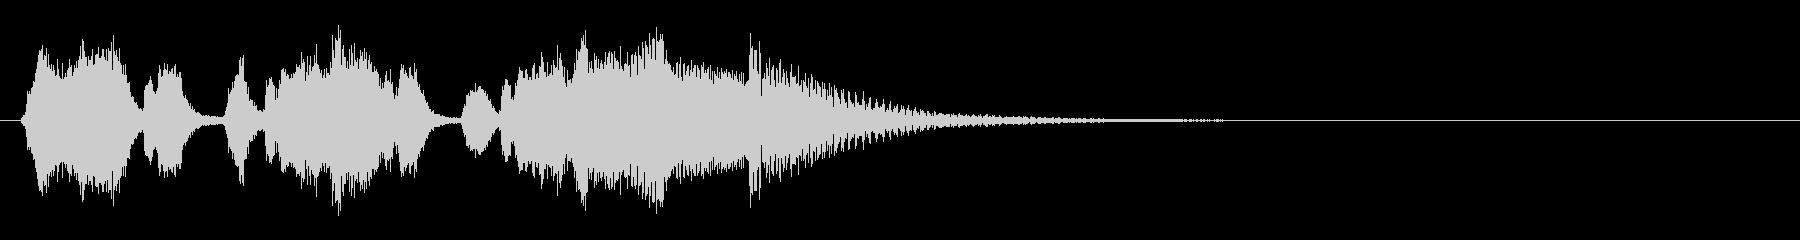 軍隊5 レアカード レベルアップの未再生の波形